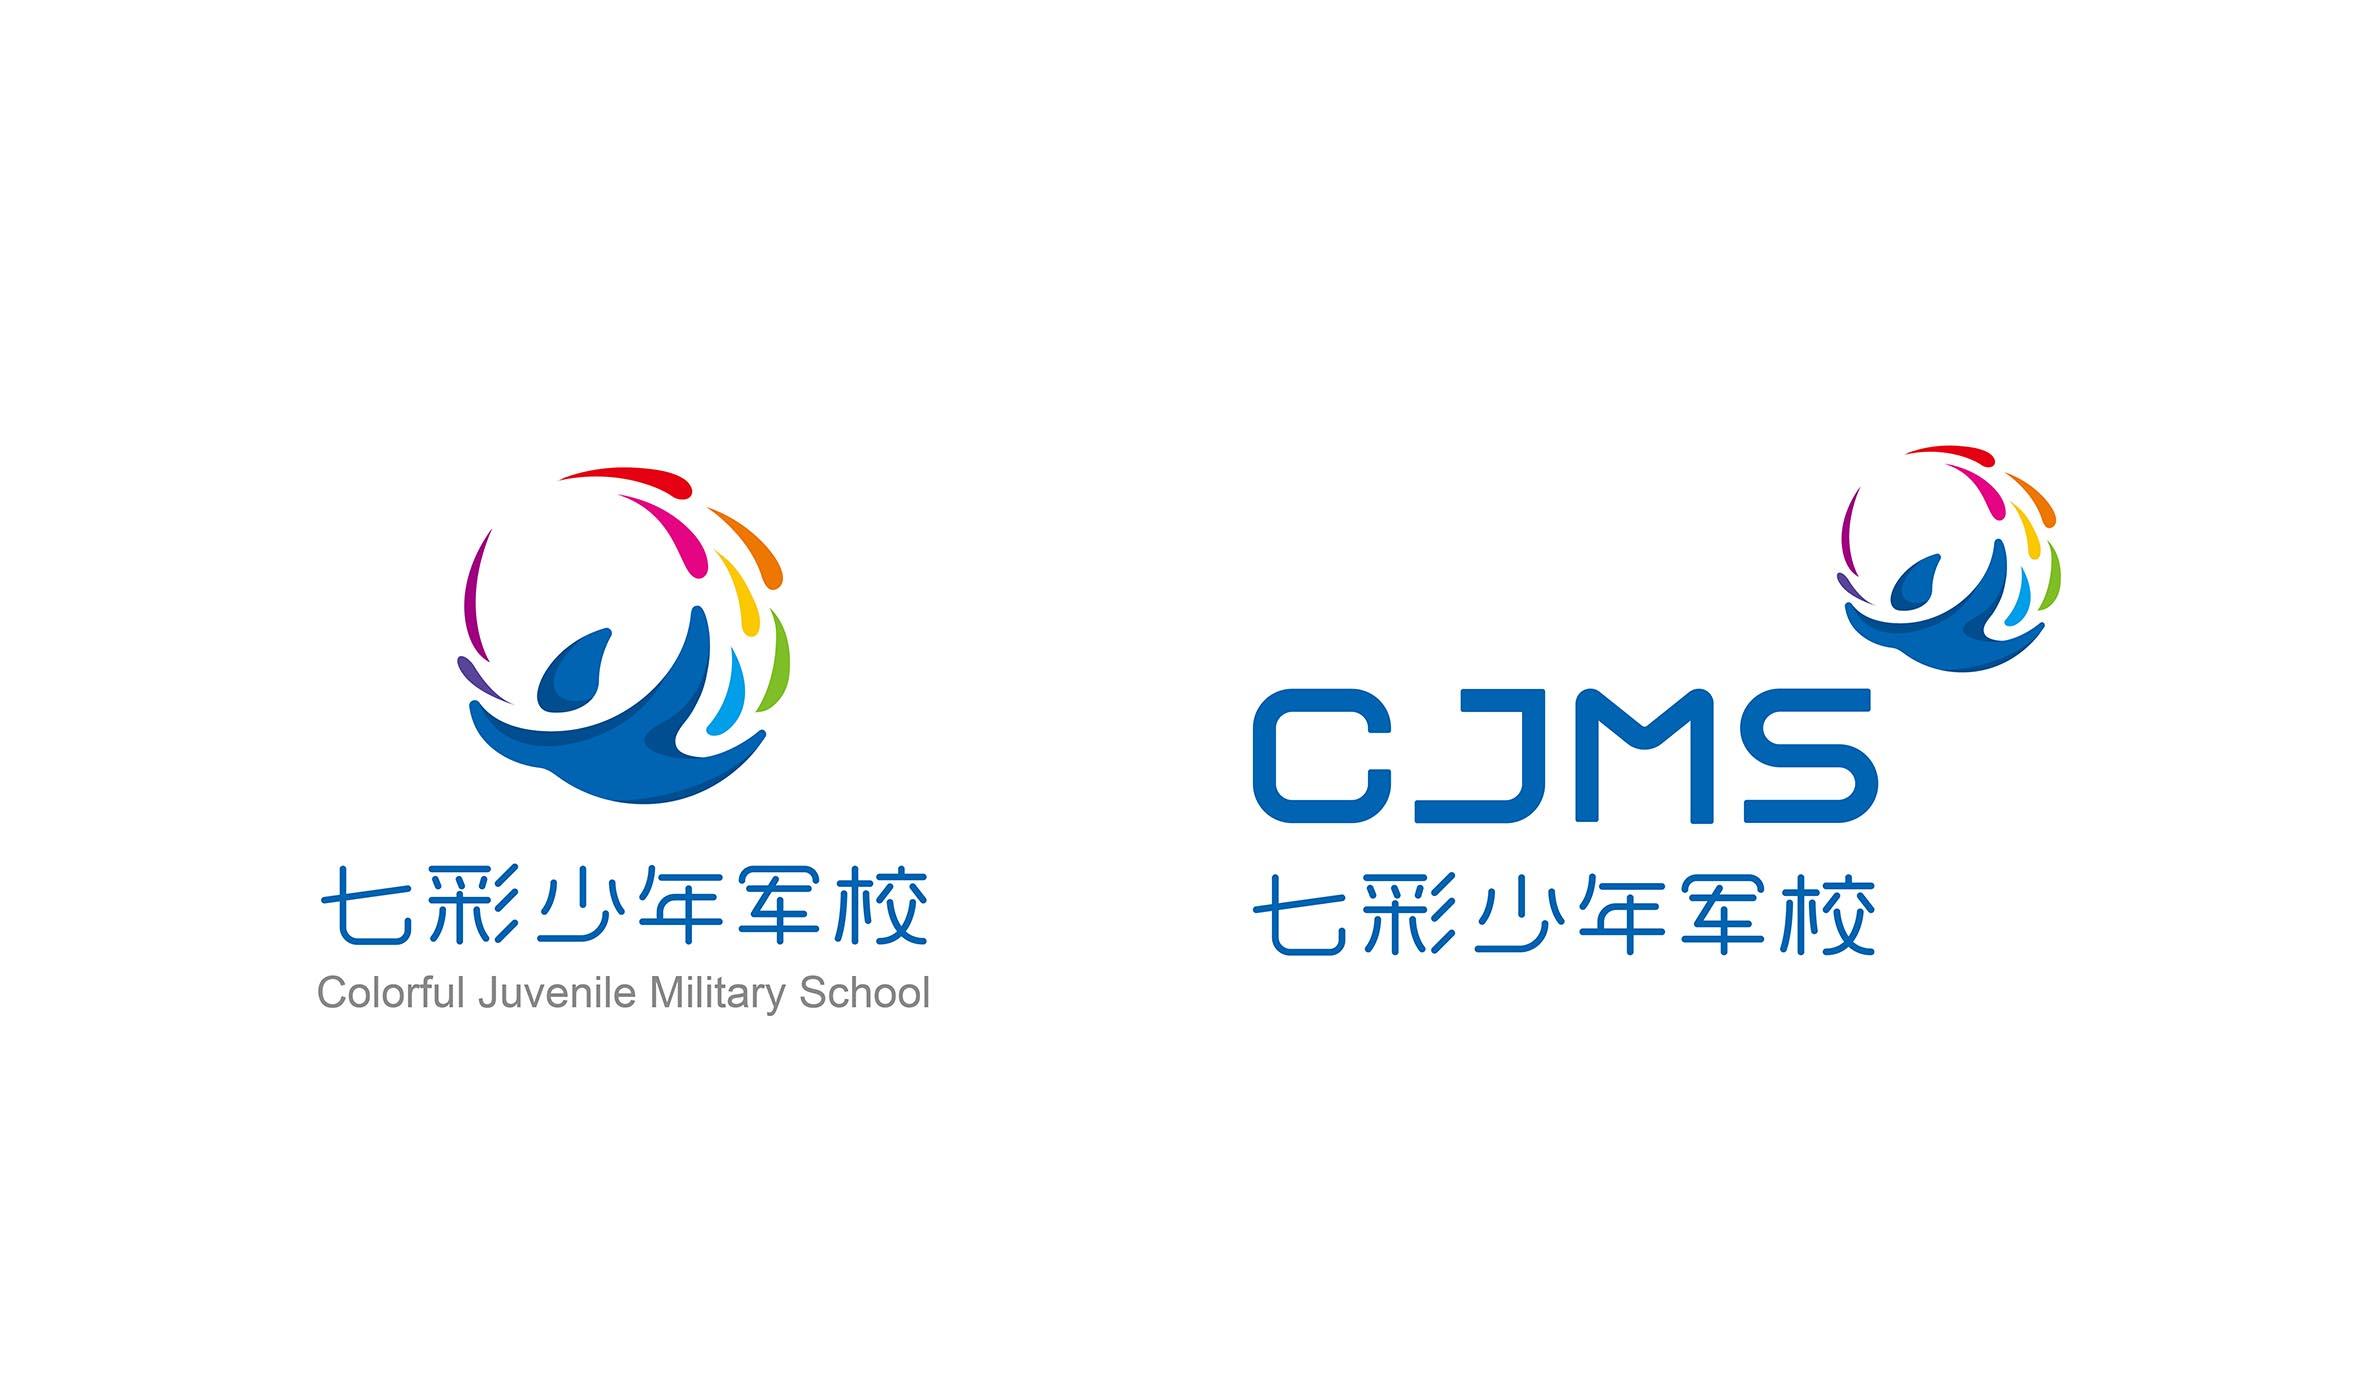 品牌logo:七彩少年军校